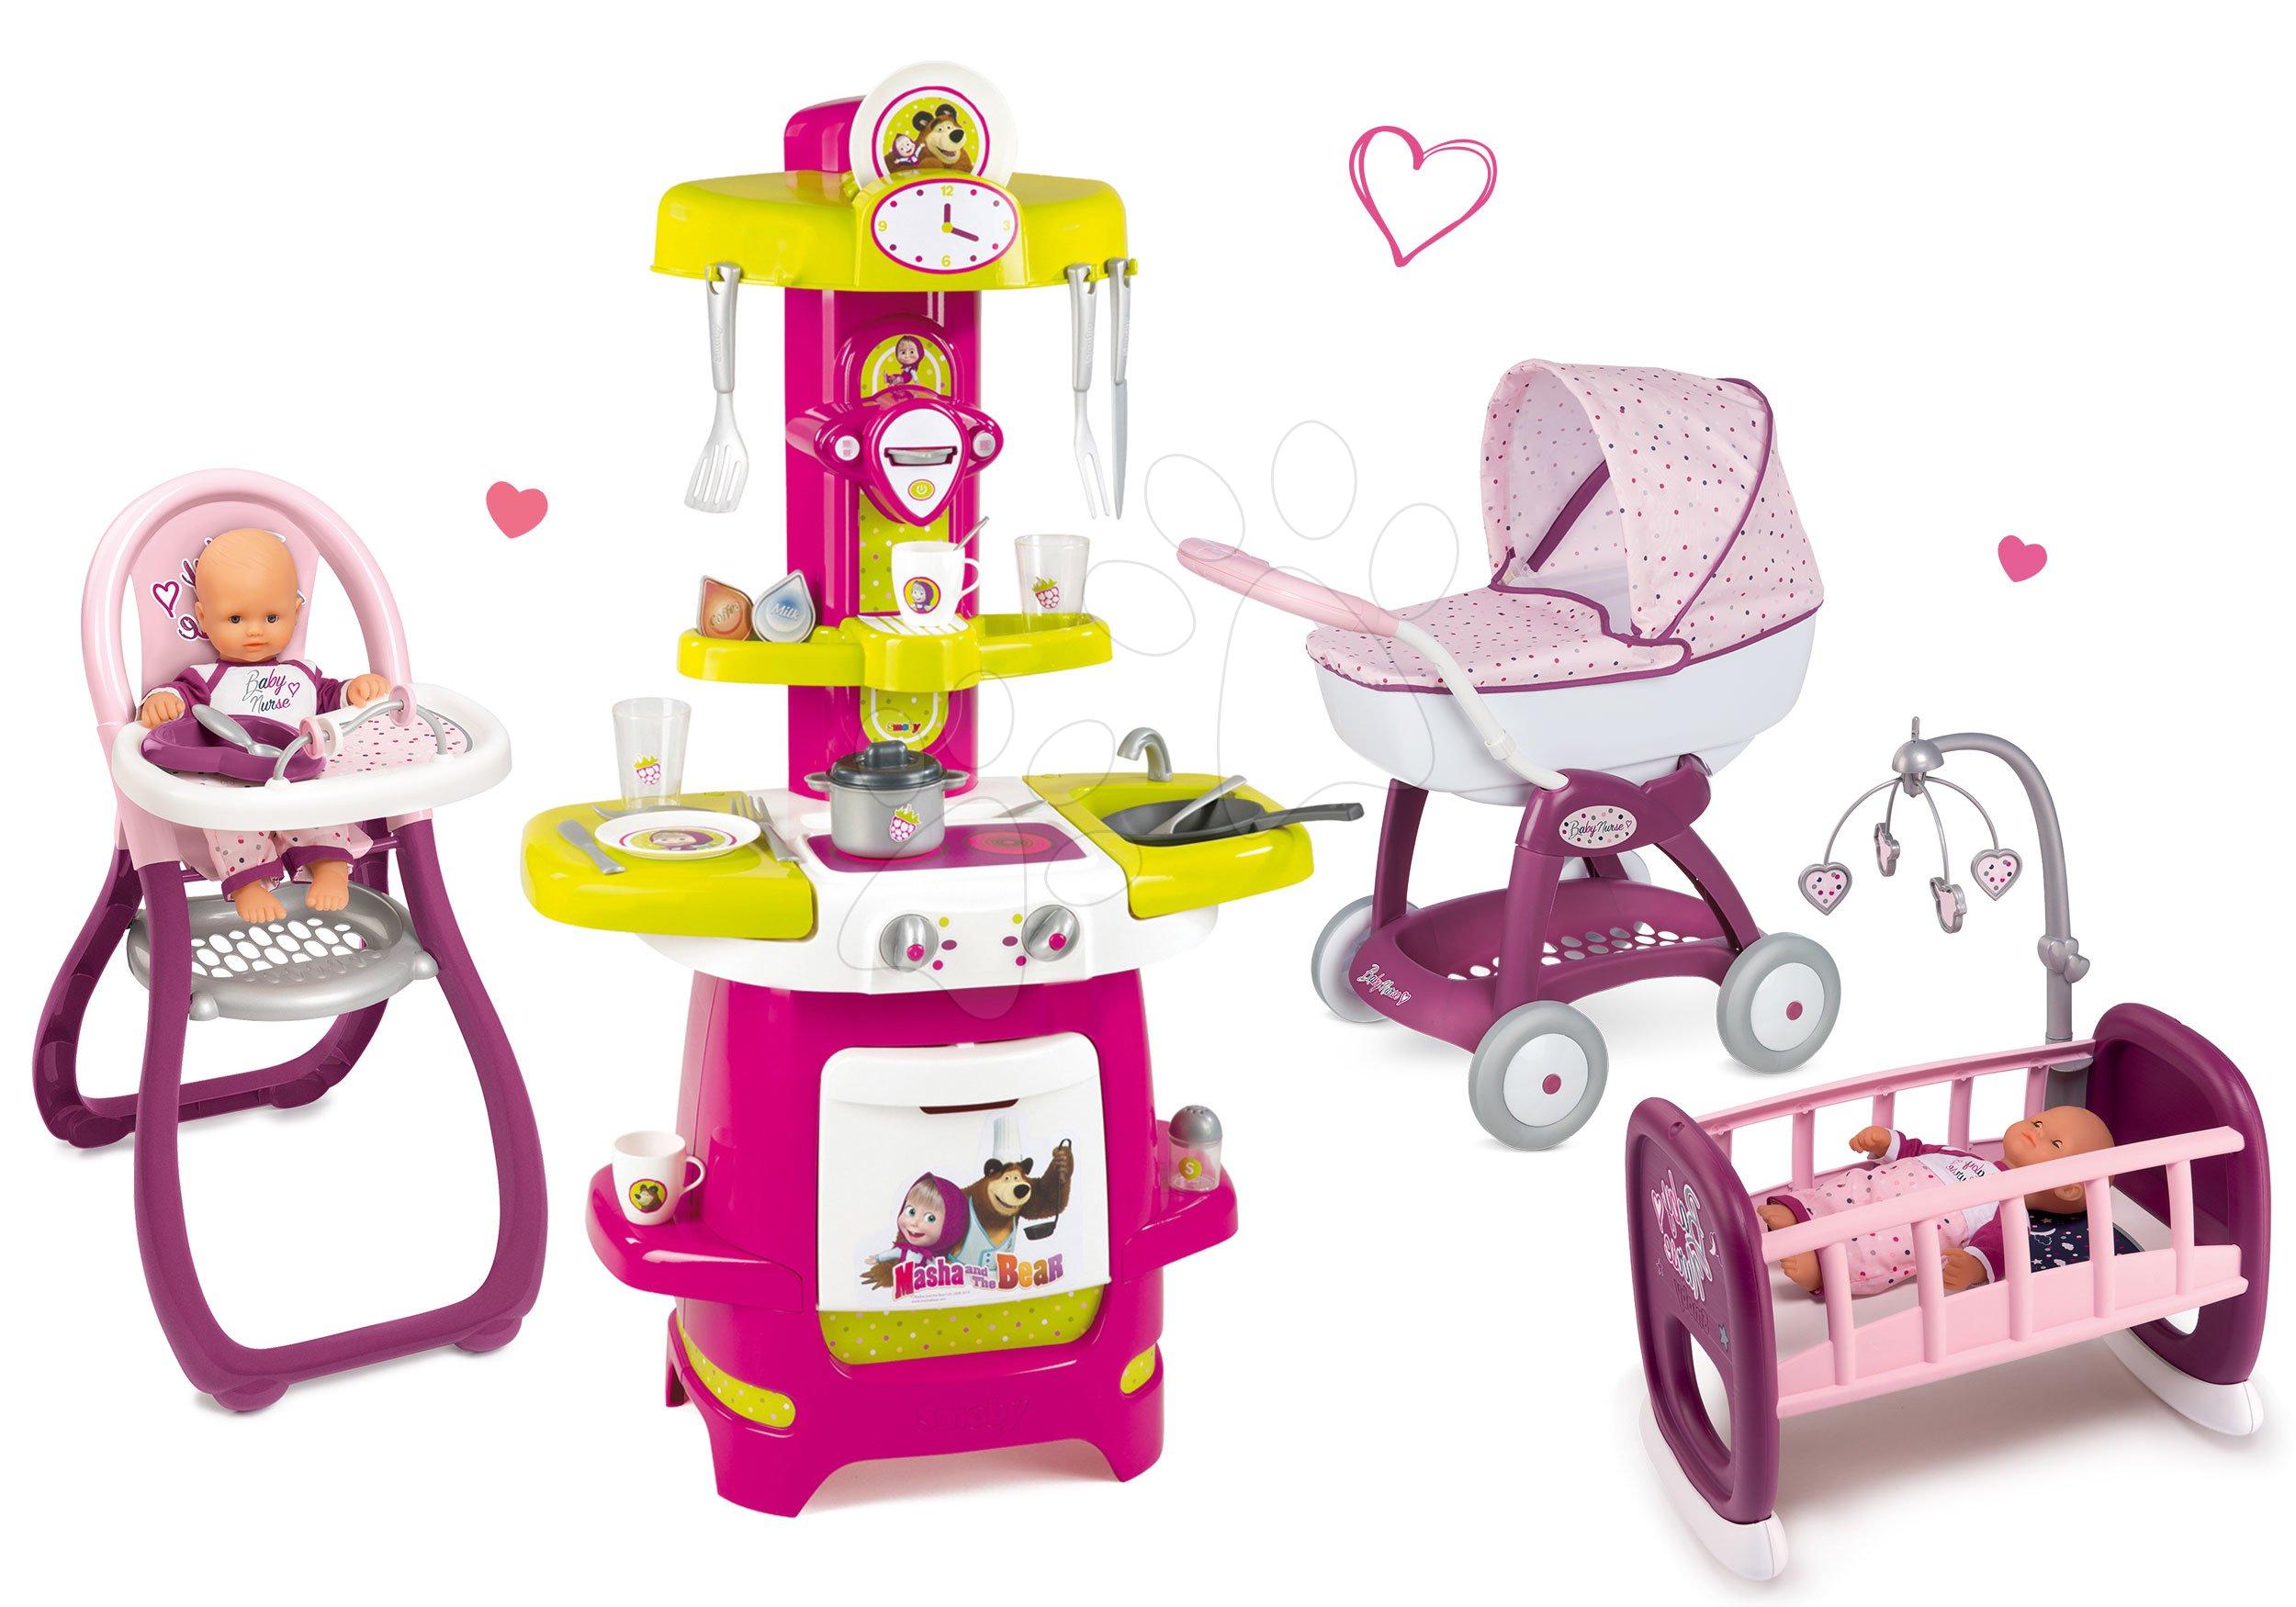 Smoby kočiarik Máša a medveď, stolička a kolíska pre bábiku a kuchynka Máša 523134-2